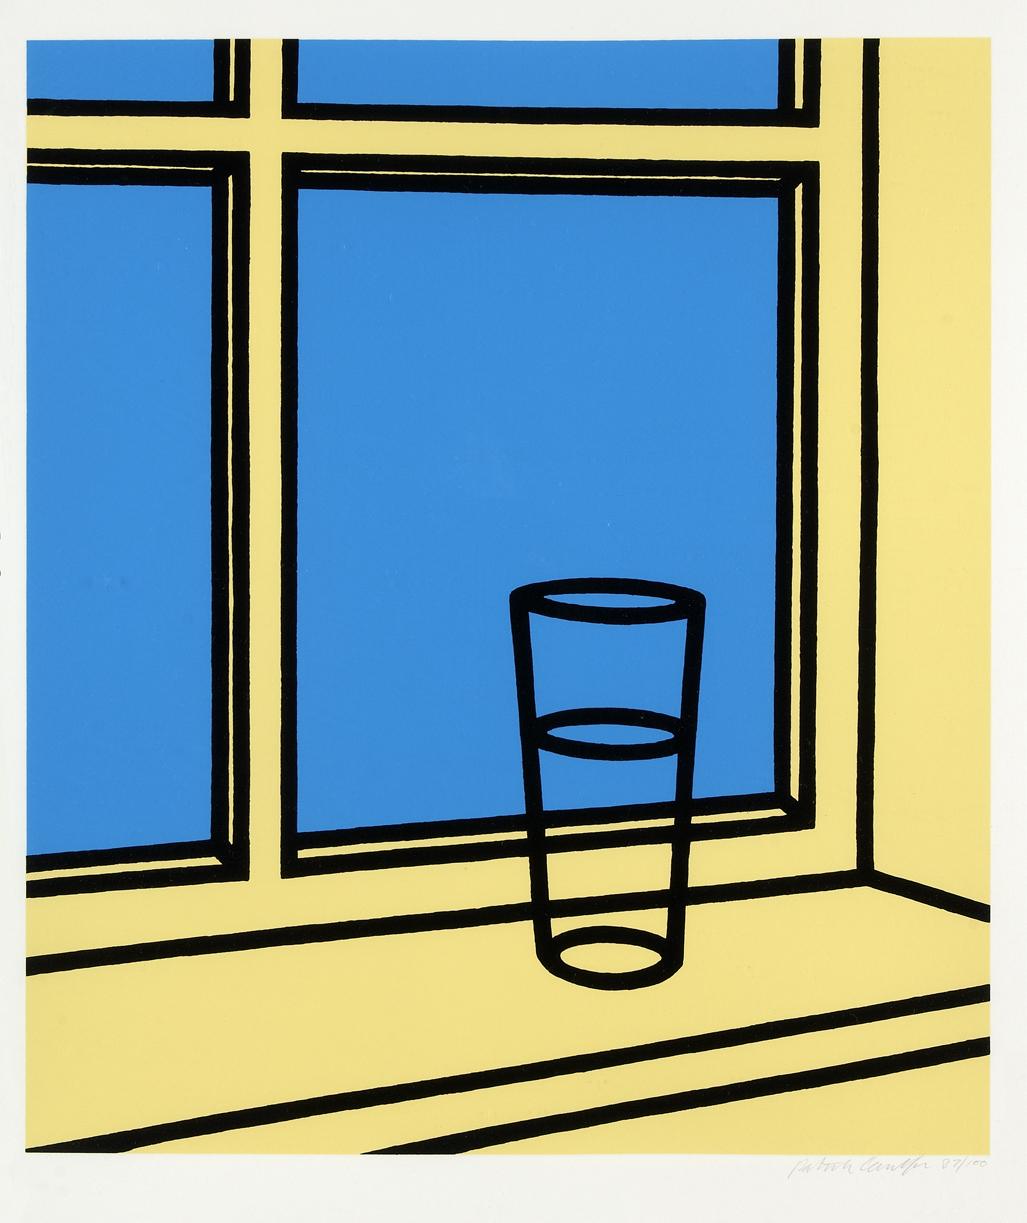 Lot 217 - PATRICK CAULFIELD (1936-2005)